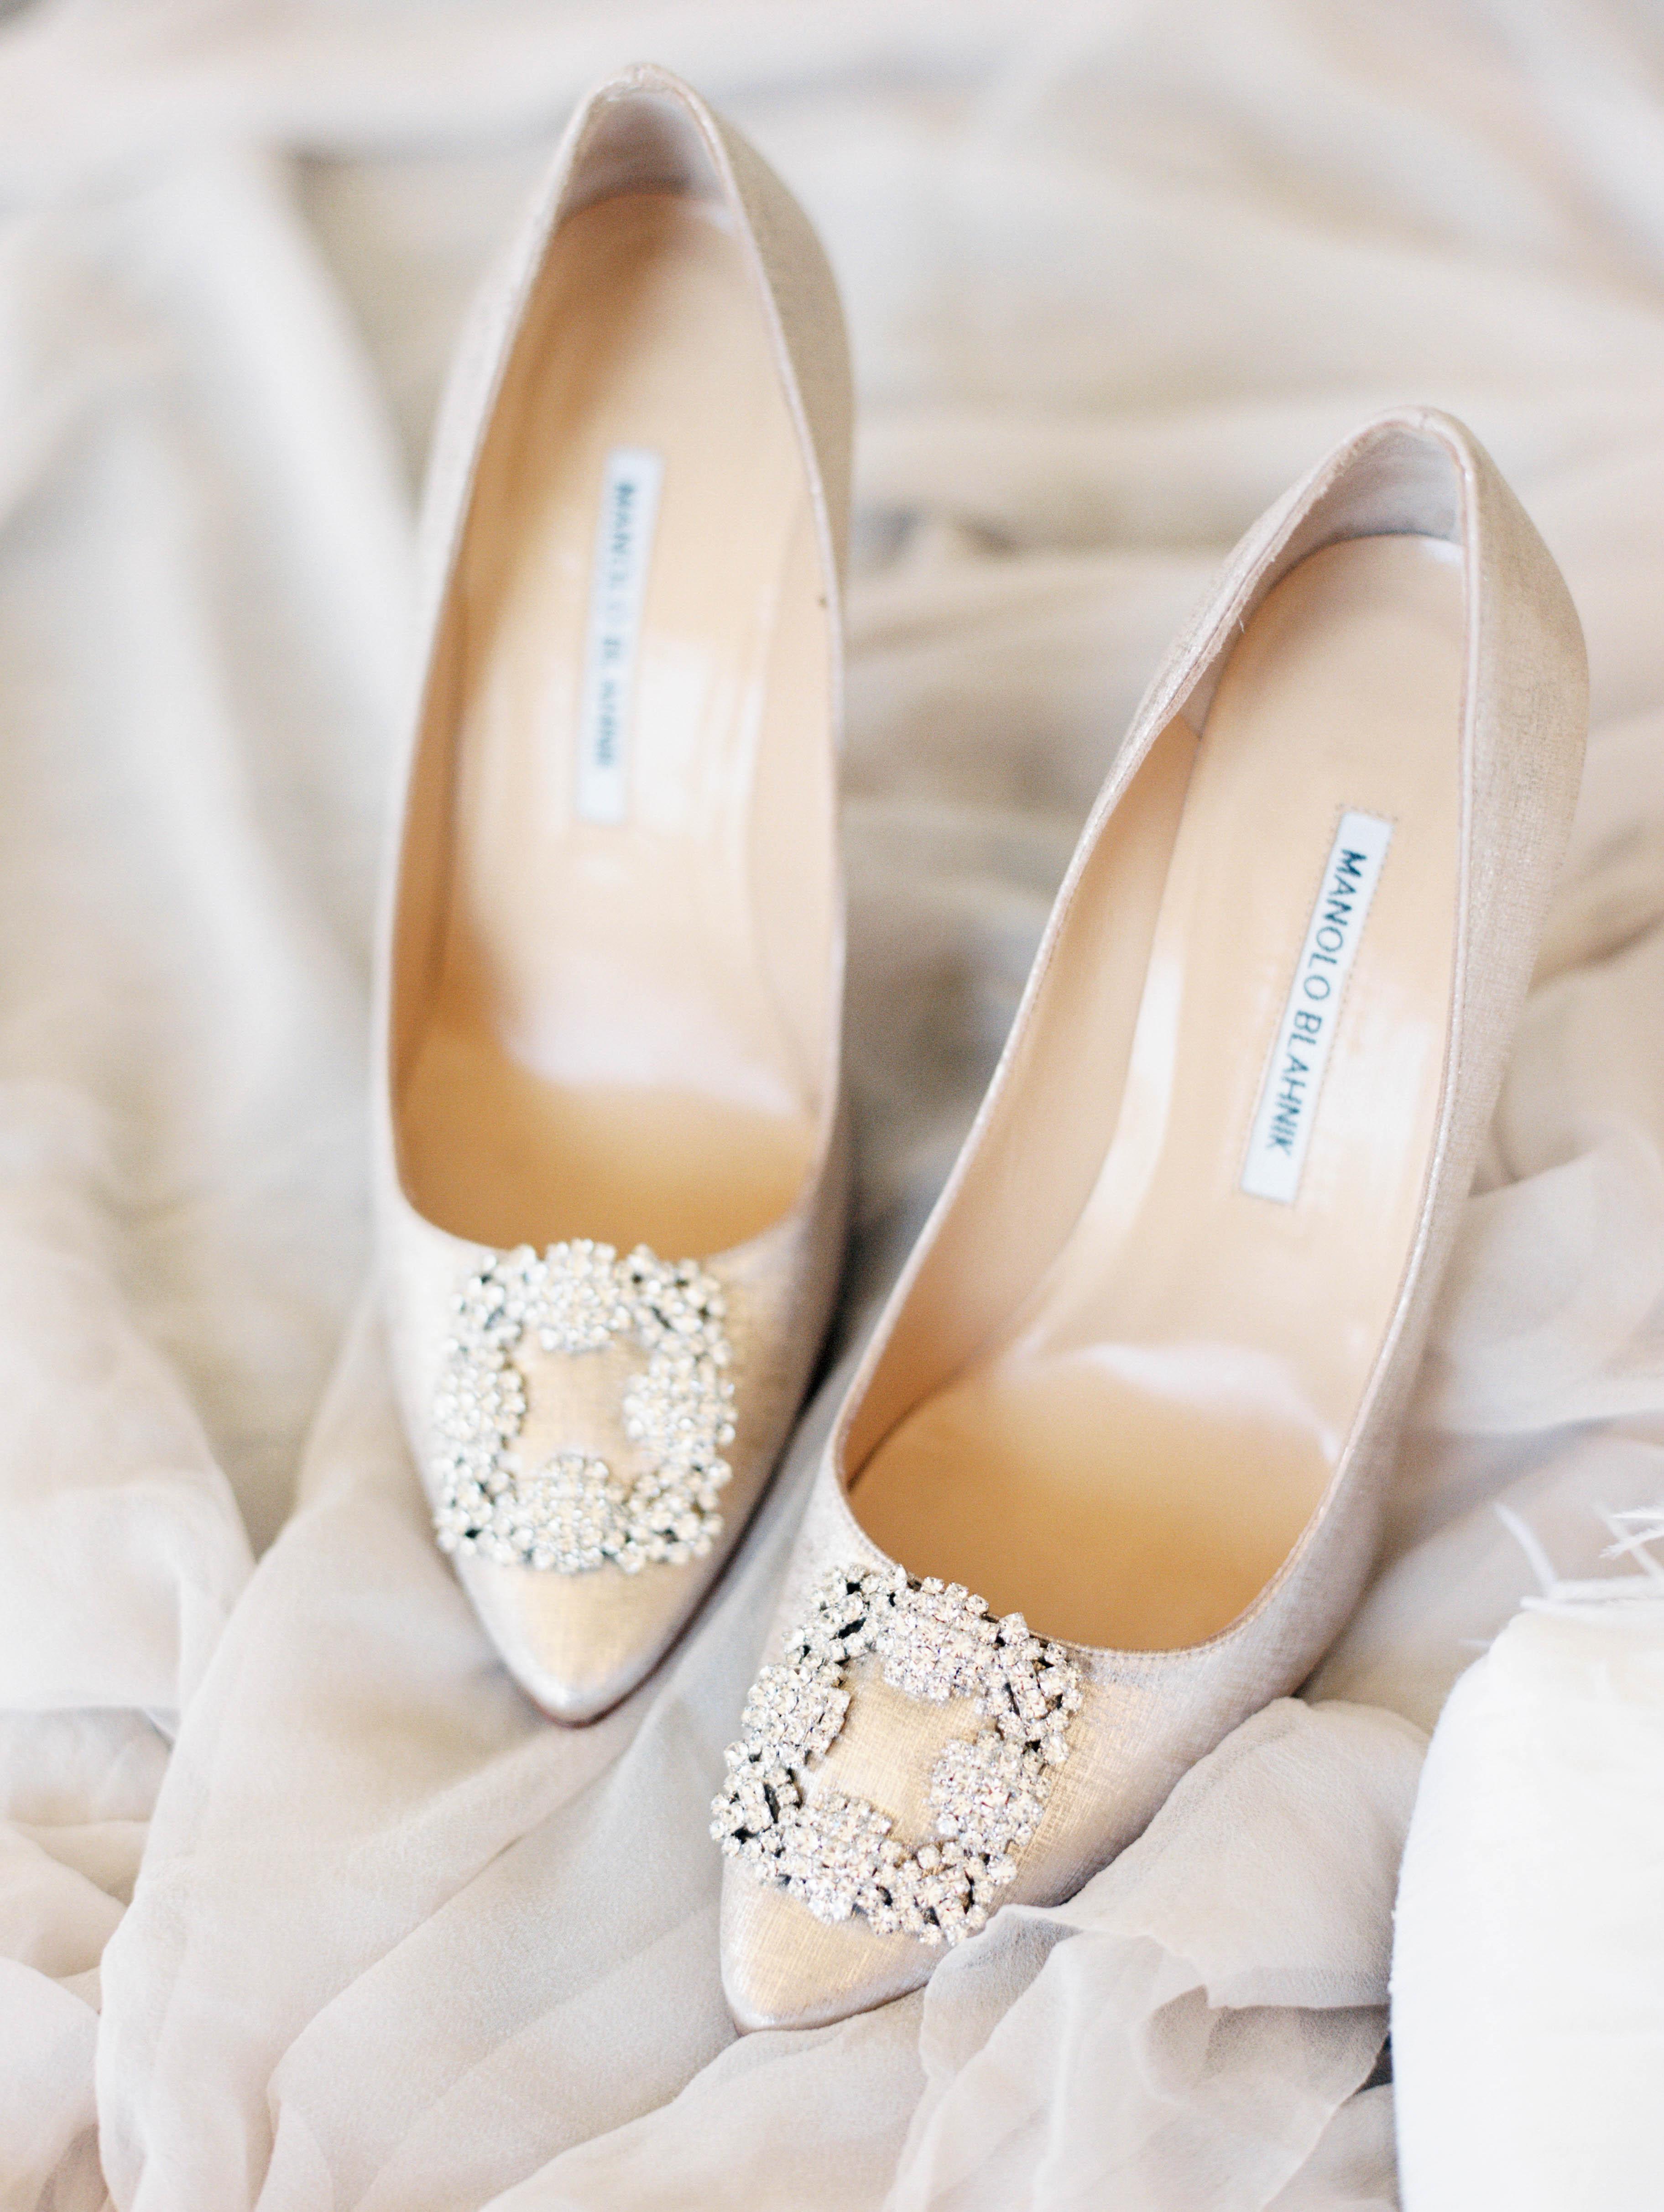 daniela emmanuel wedding maryland shoes